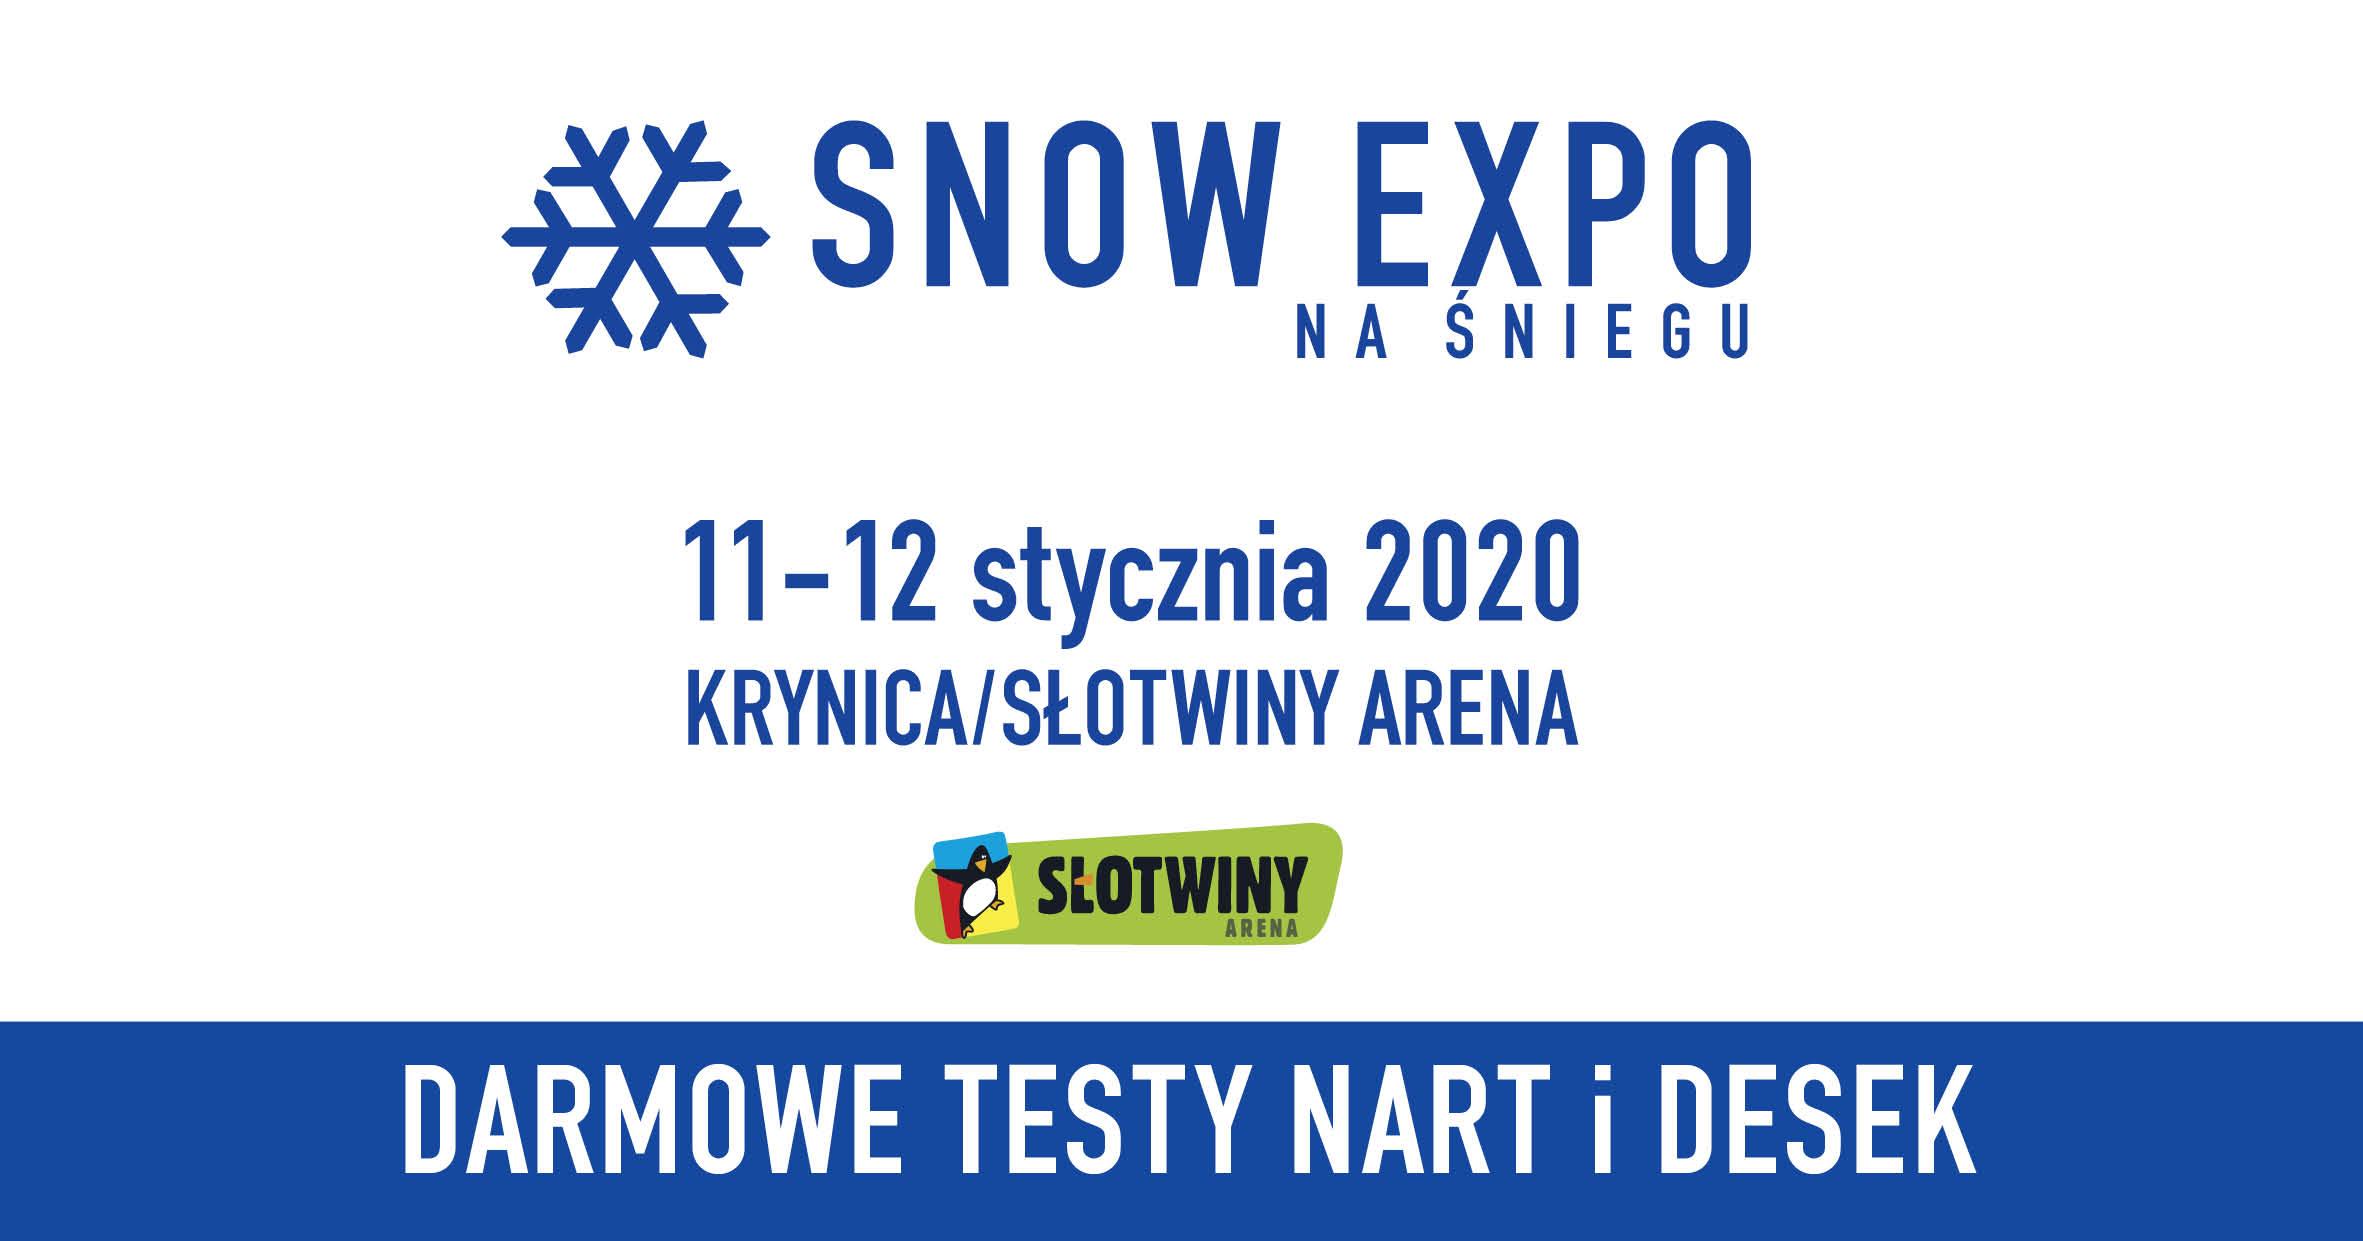 SNOW EXPO na śniegu 2020